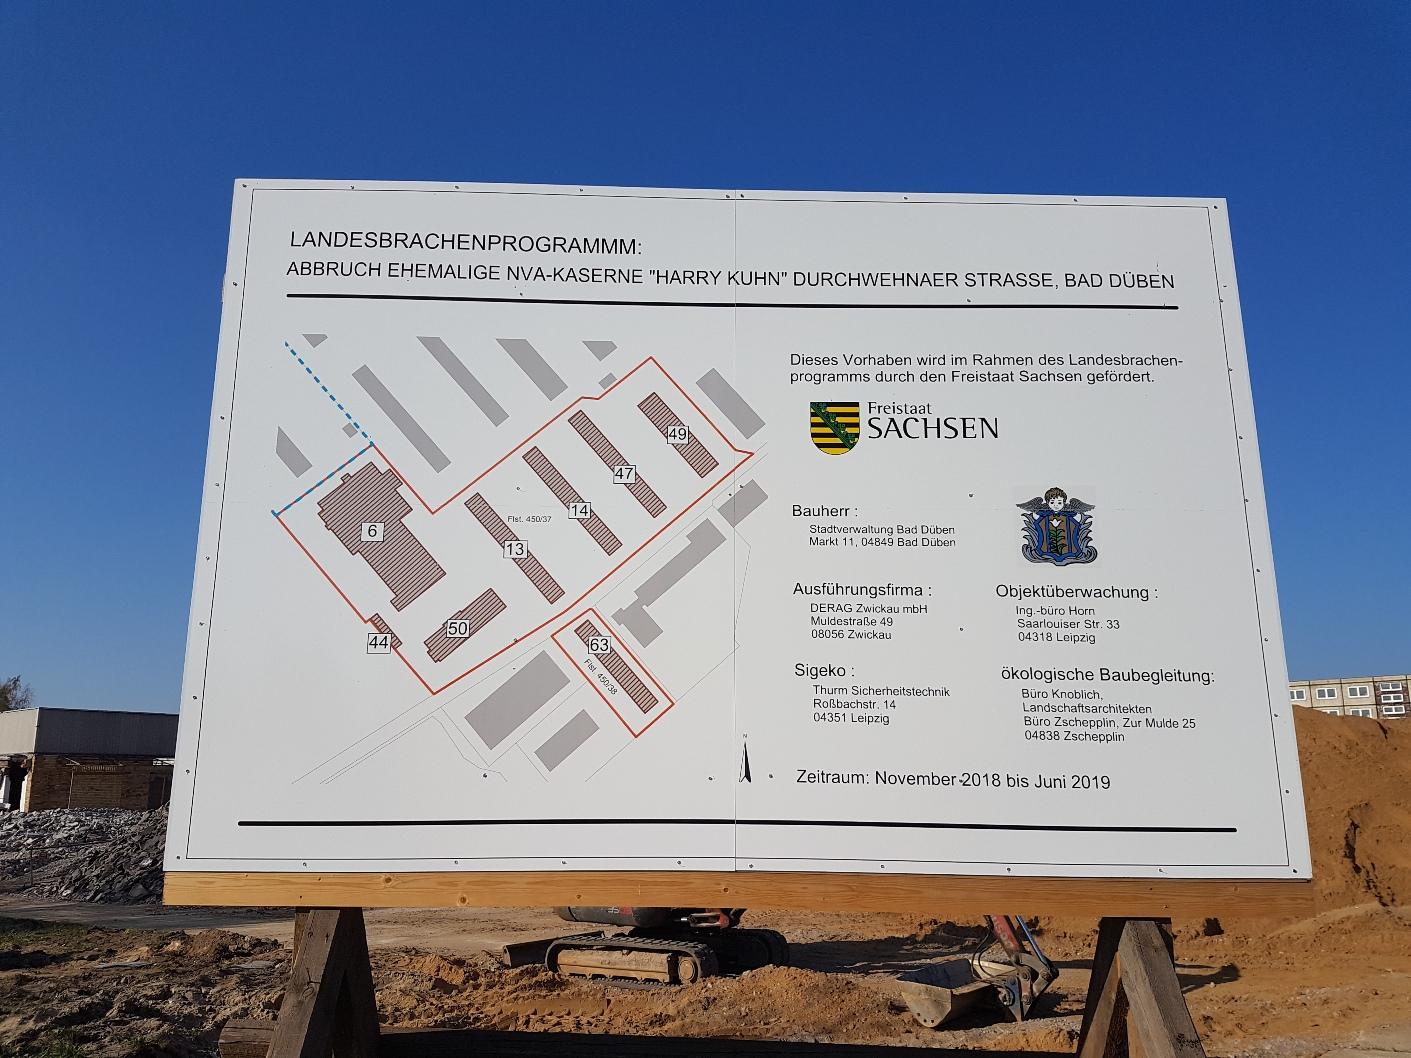 Die Abbrucharbeiten auf der Fläche begannen im November 2018